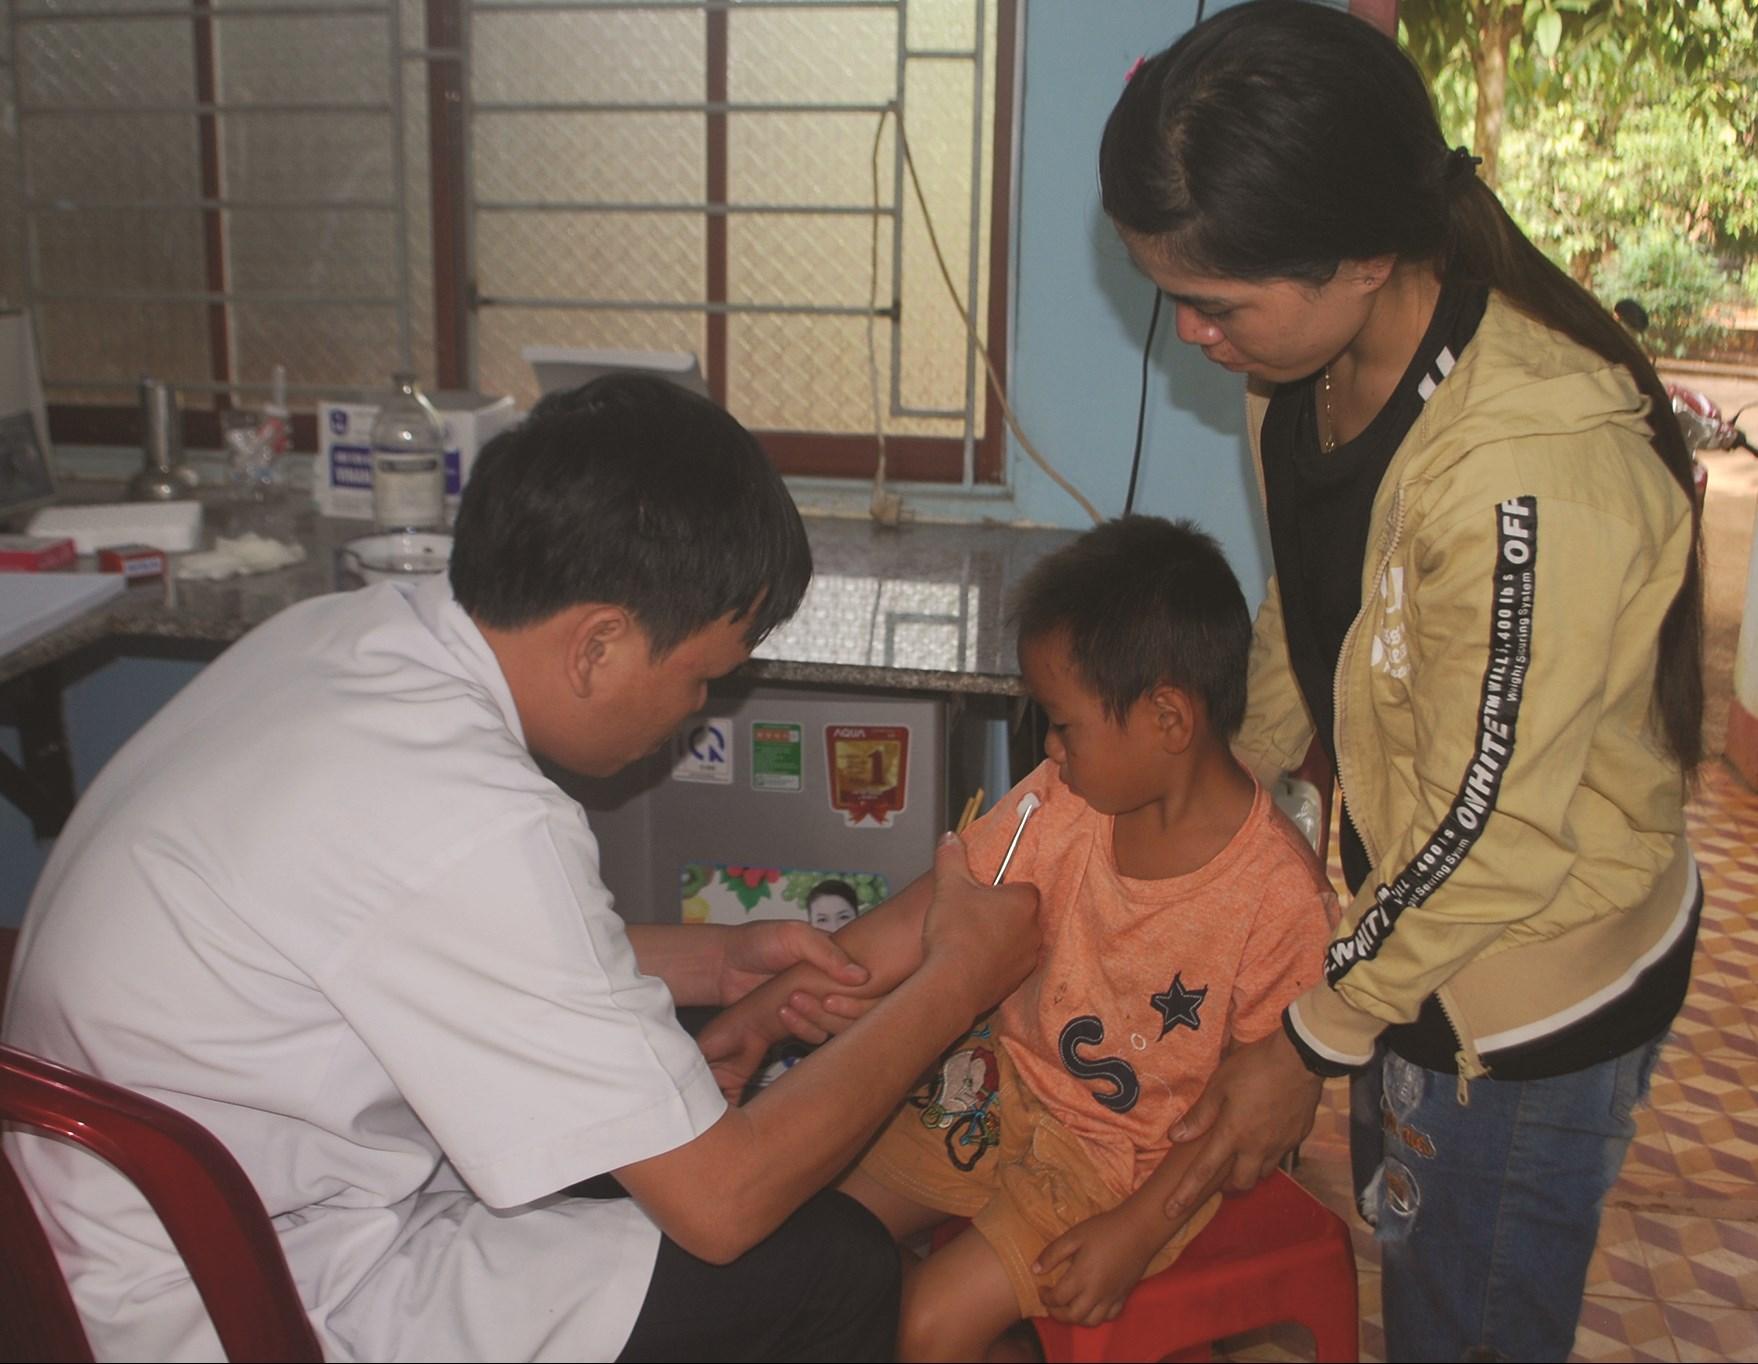 Công tác khám, chữa bệnh tại các tuyến cơ sở trên địa bàn tỉnh Gia Lai gặp khó khăn do thiếu bác sĩ.